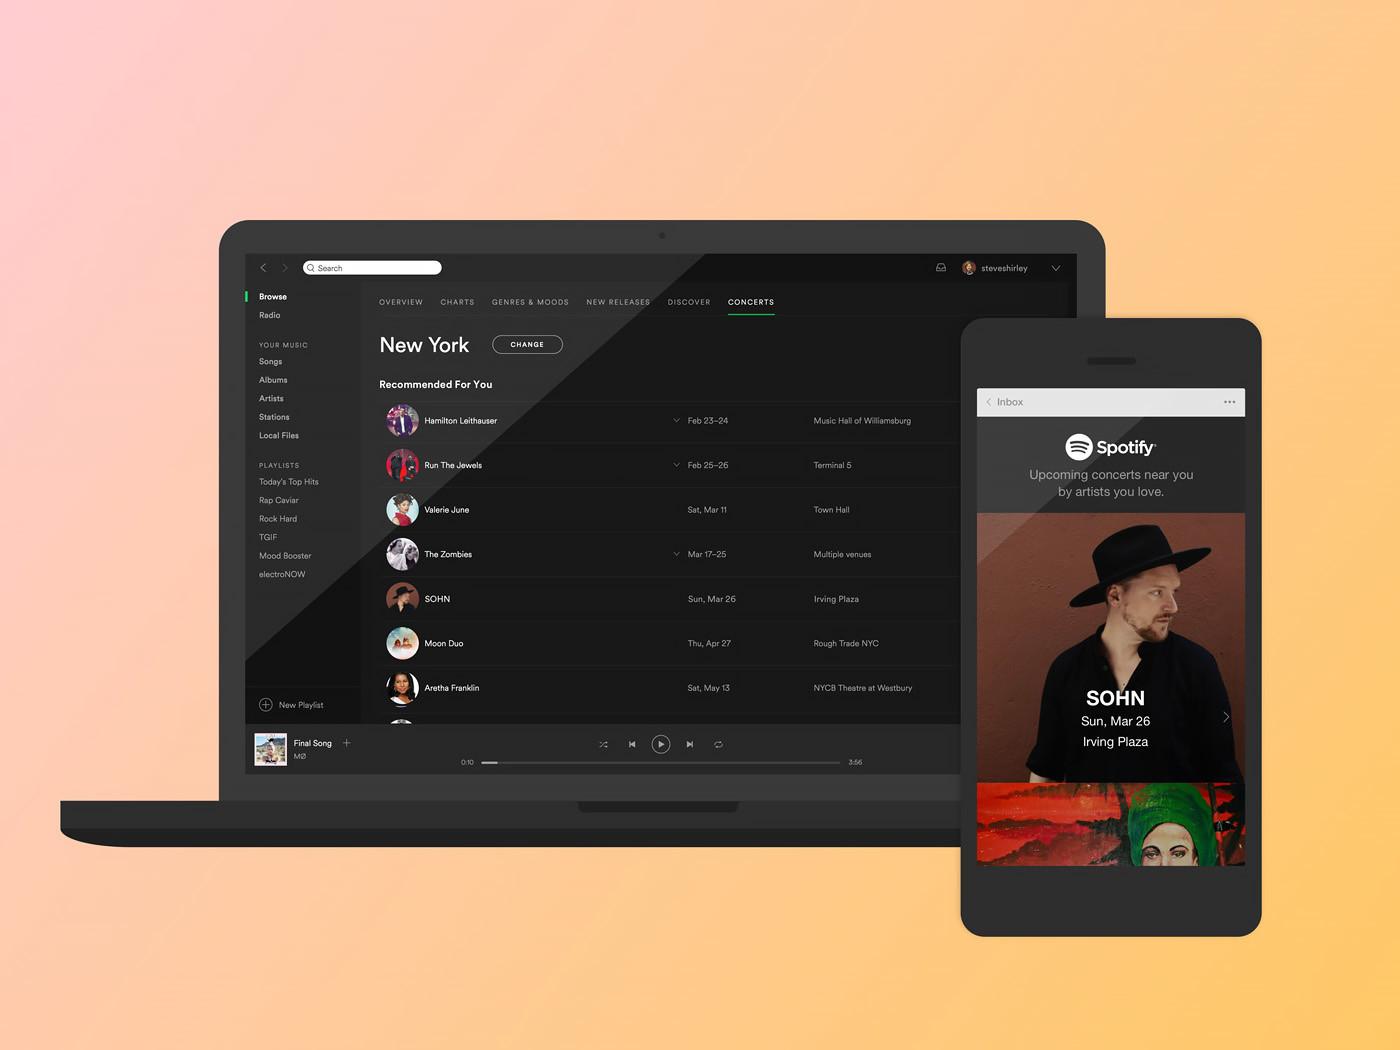 Spotify expande su servicio de recomendación de conciertos junto a Ticketmaster